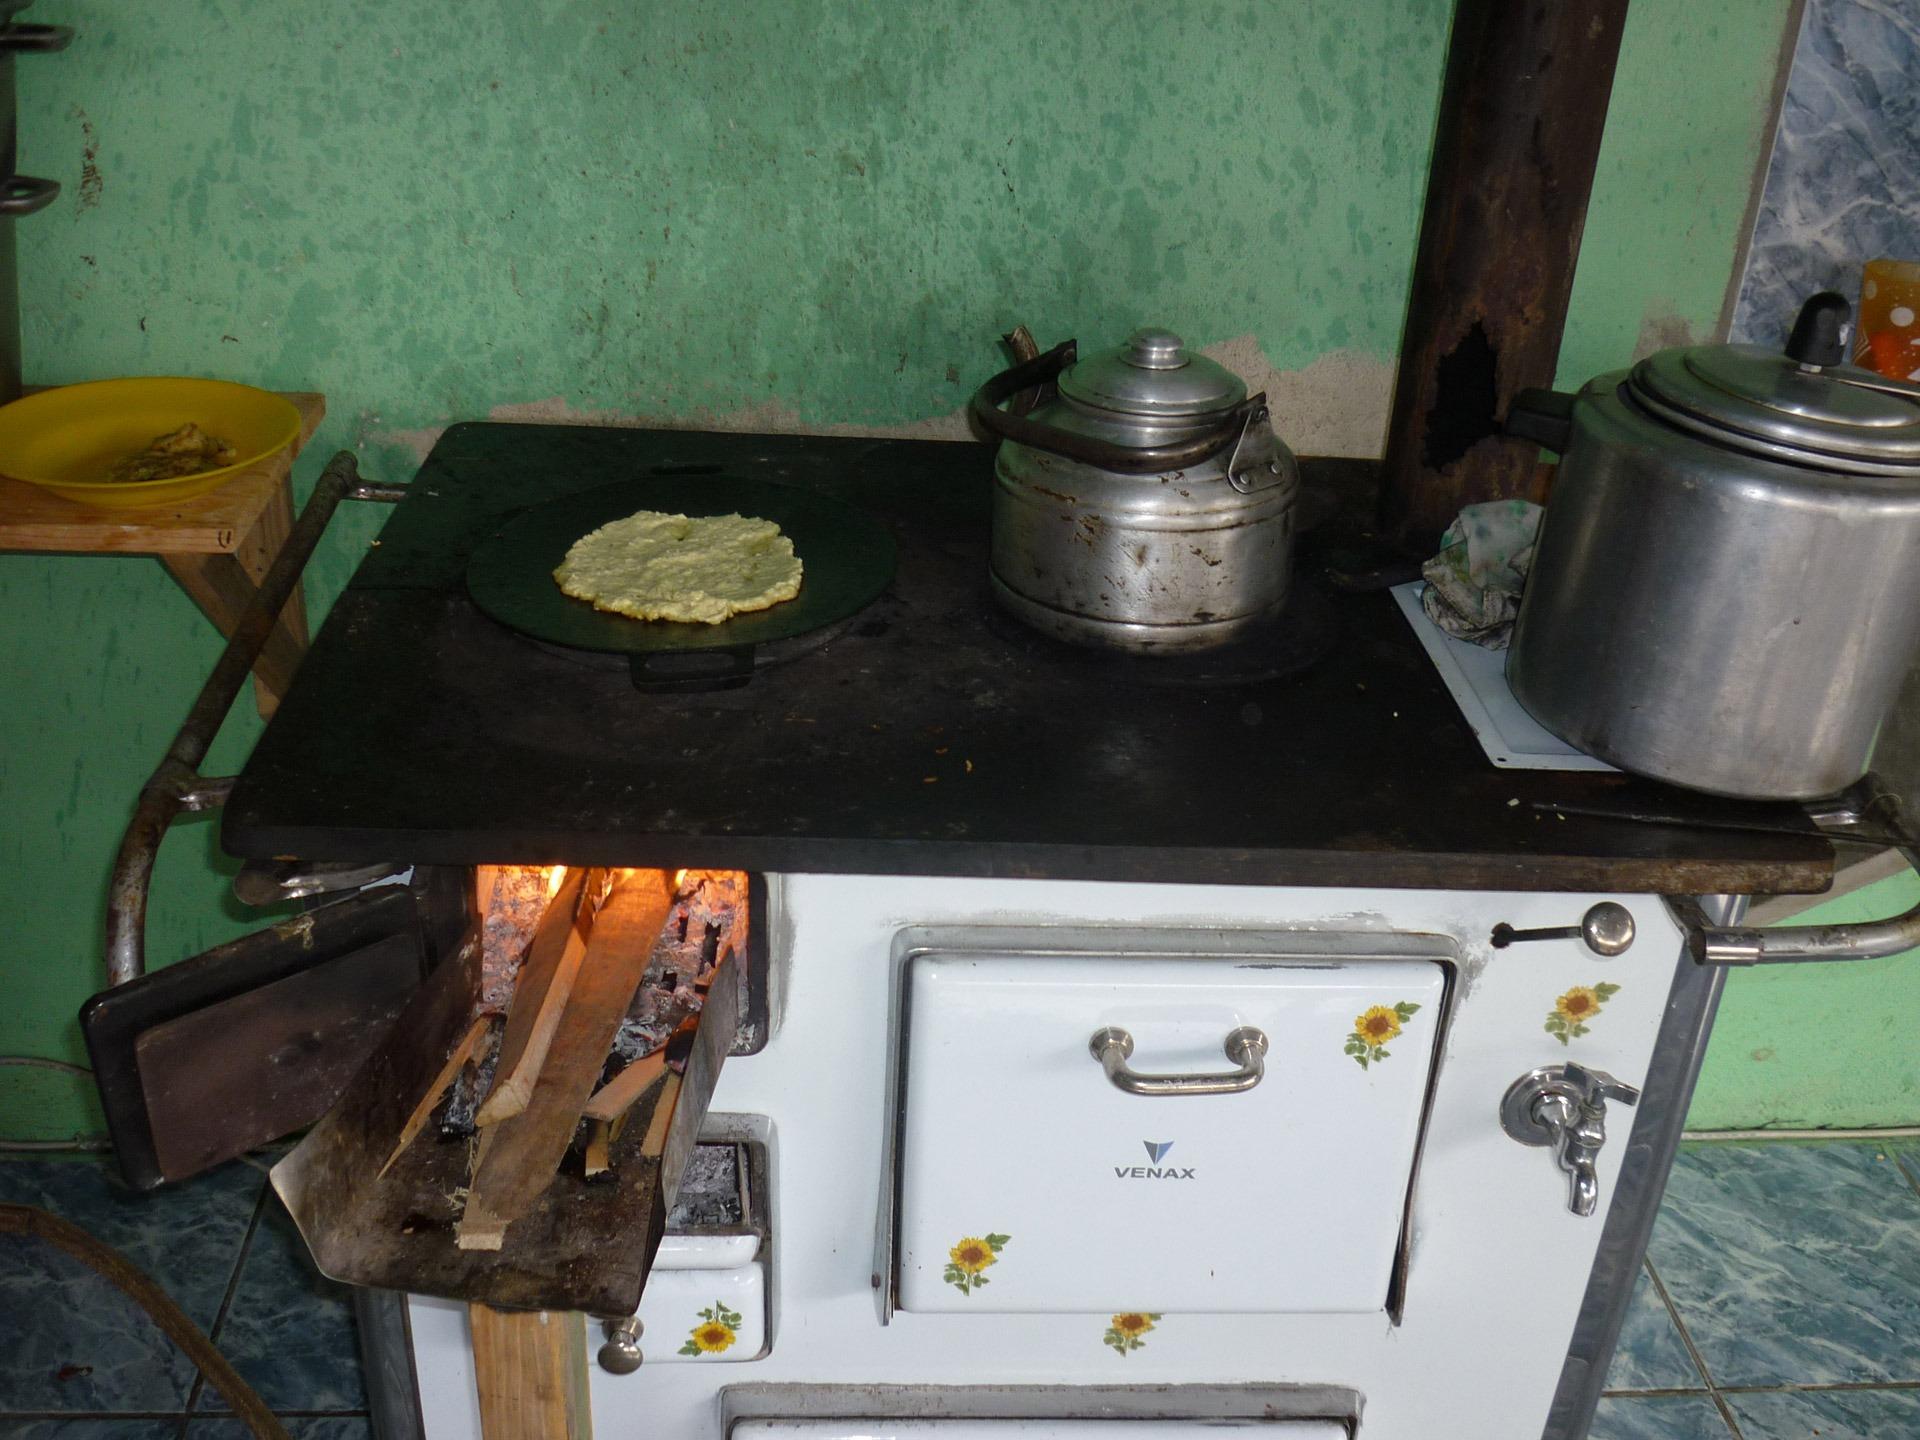 Antik Pedalaman Memasak Dapur Api Mesin Masakan Panas Kompor Alat Makan Malam Lokal Oven